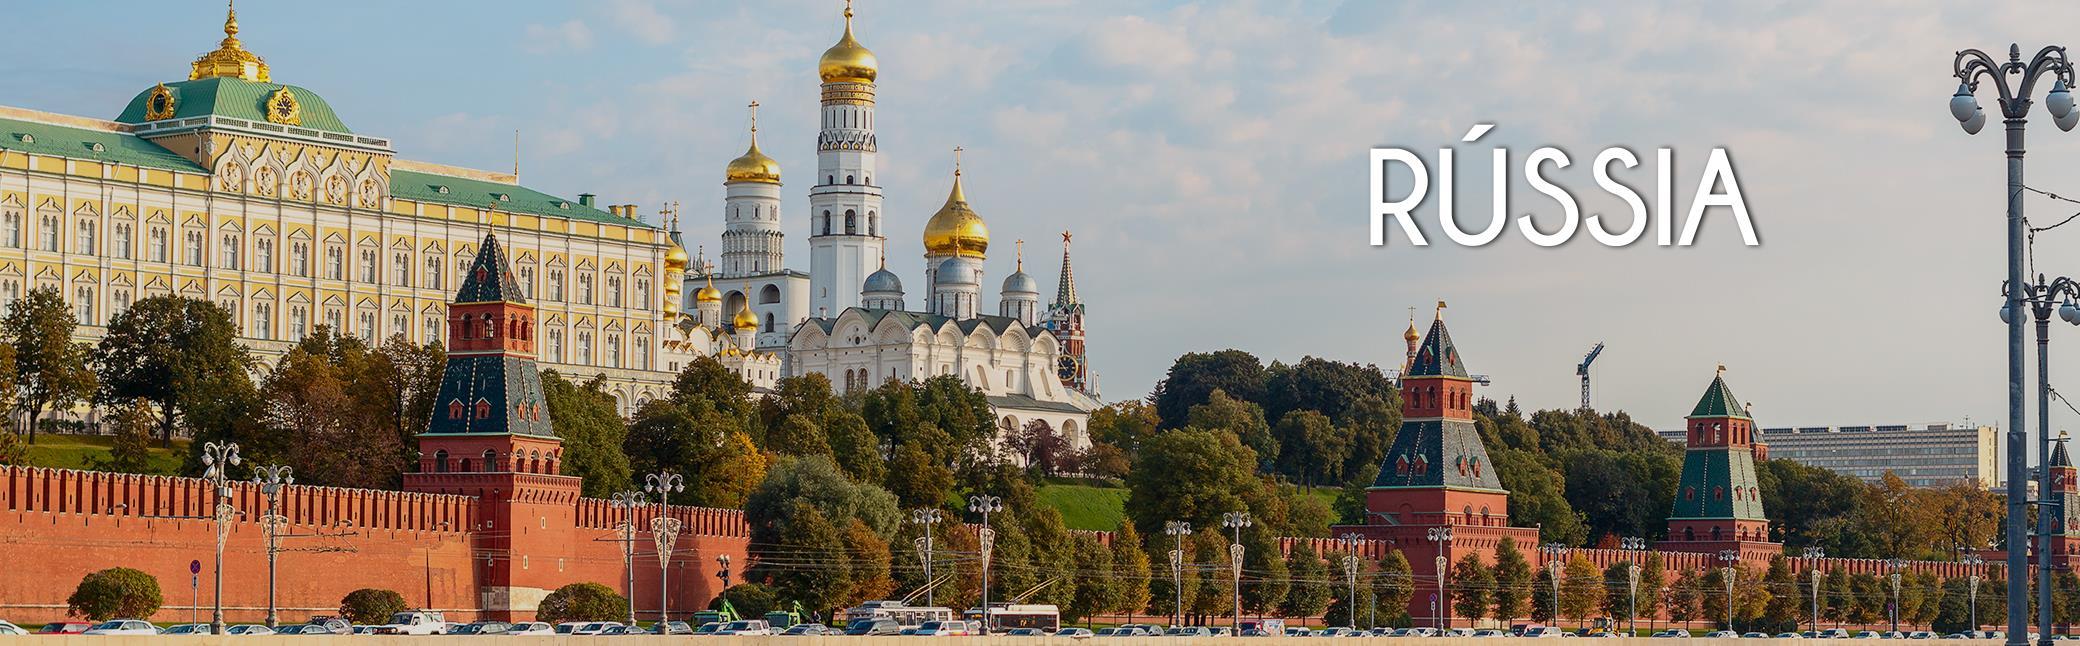 eb0531c2-15c9-43d2-9a52-2f0370b1d208.RUSSIA